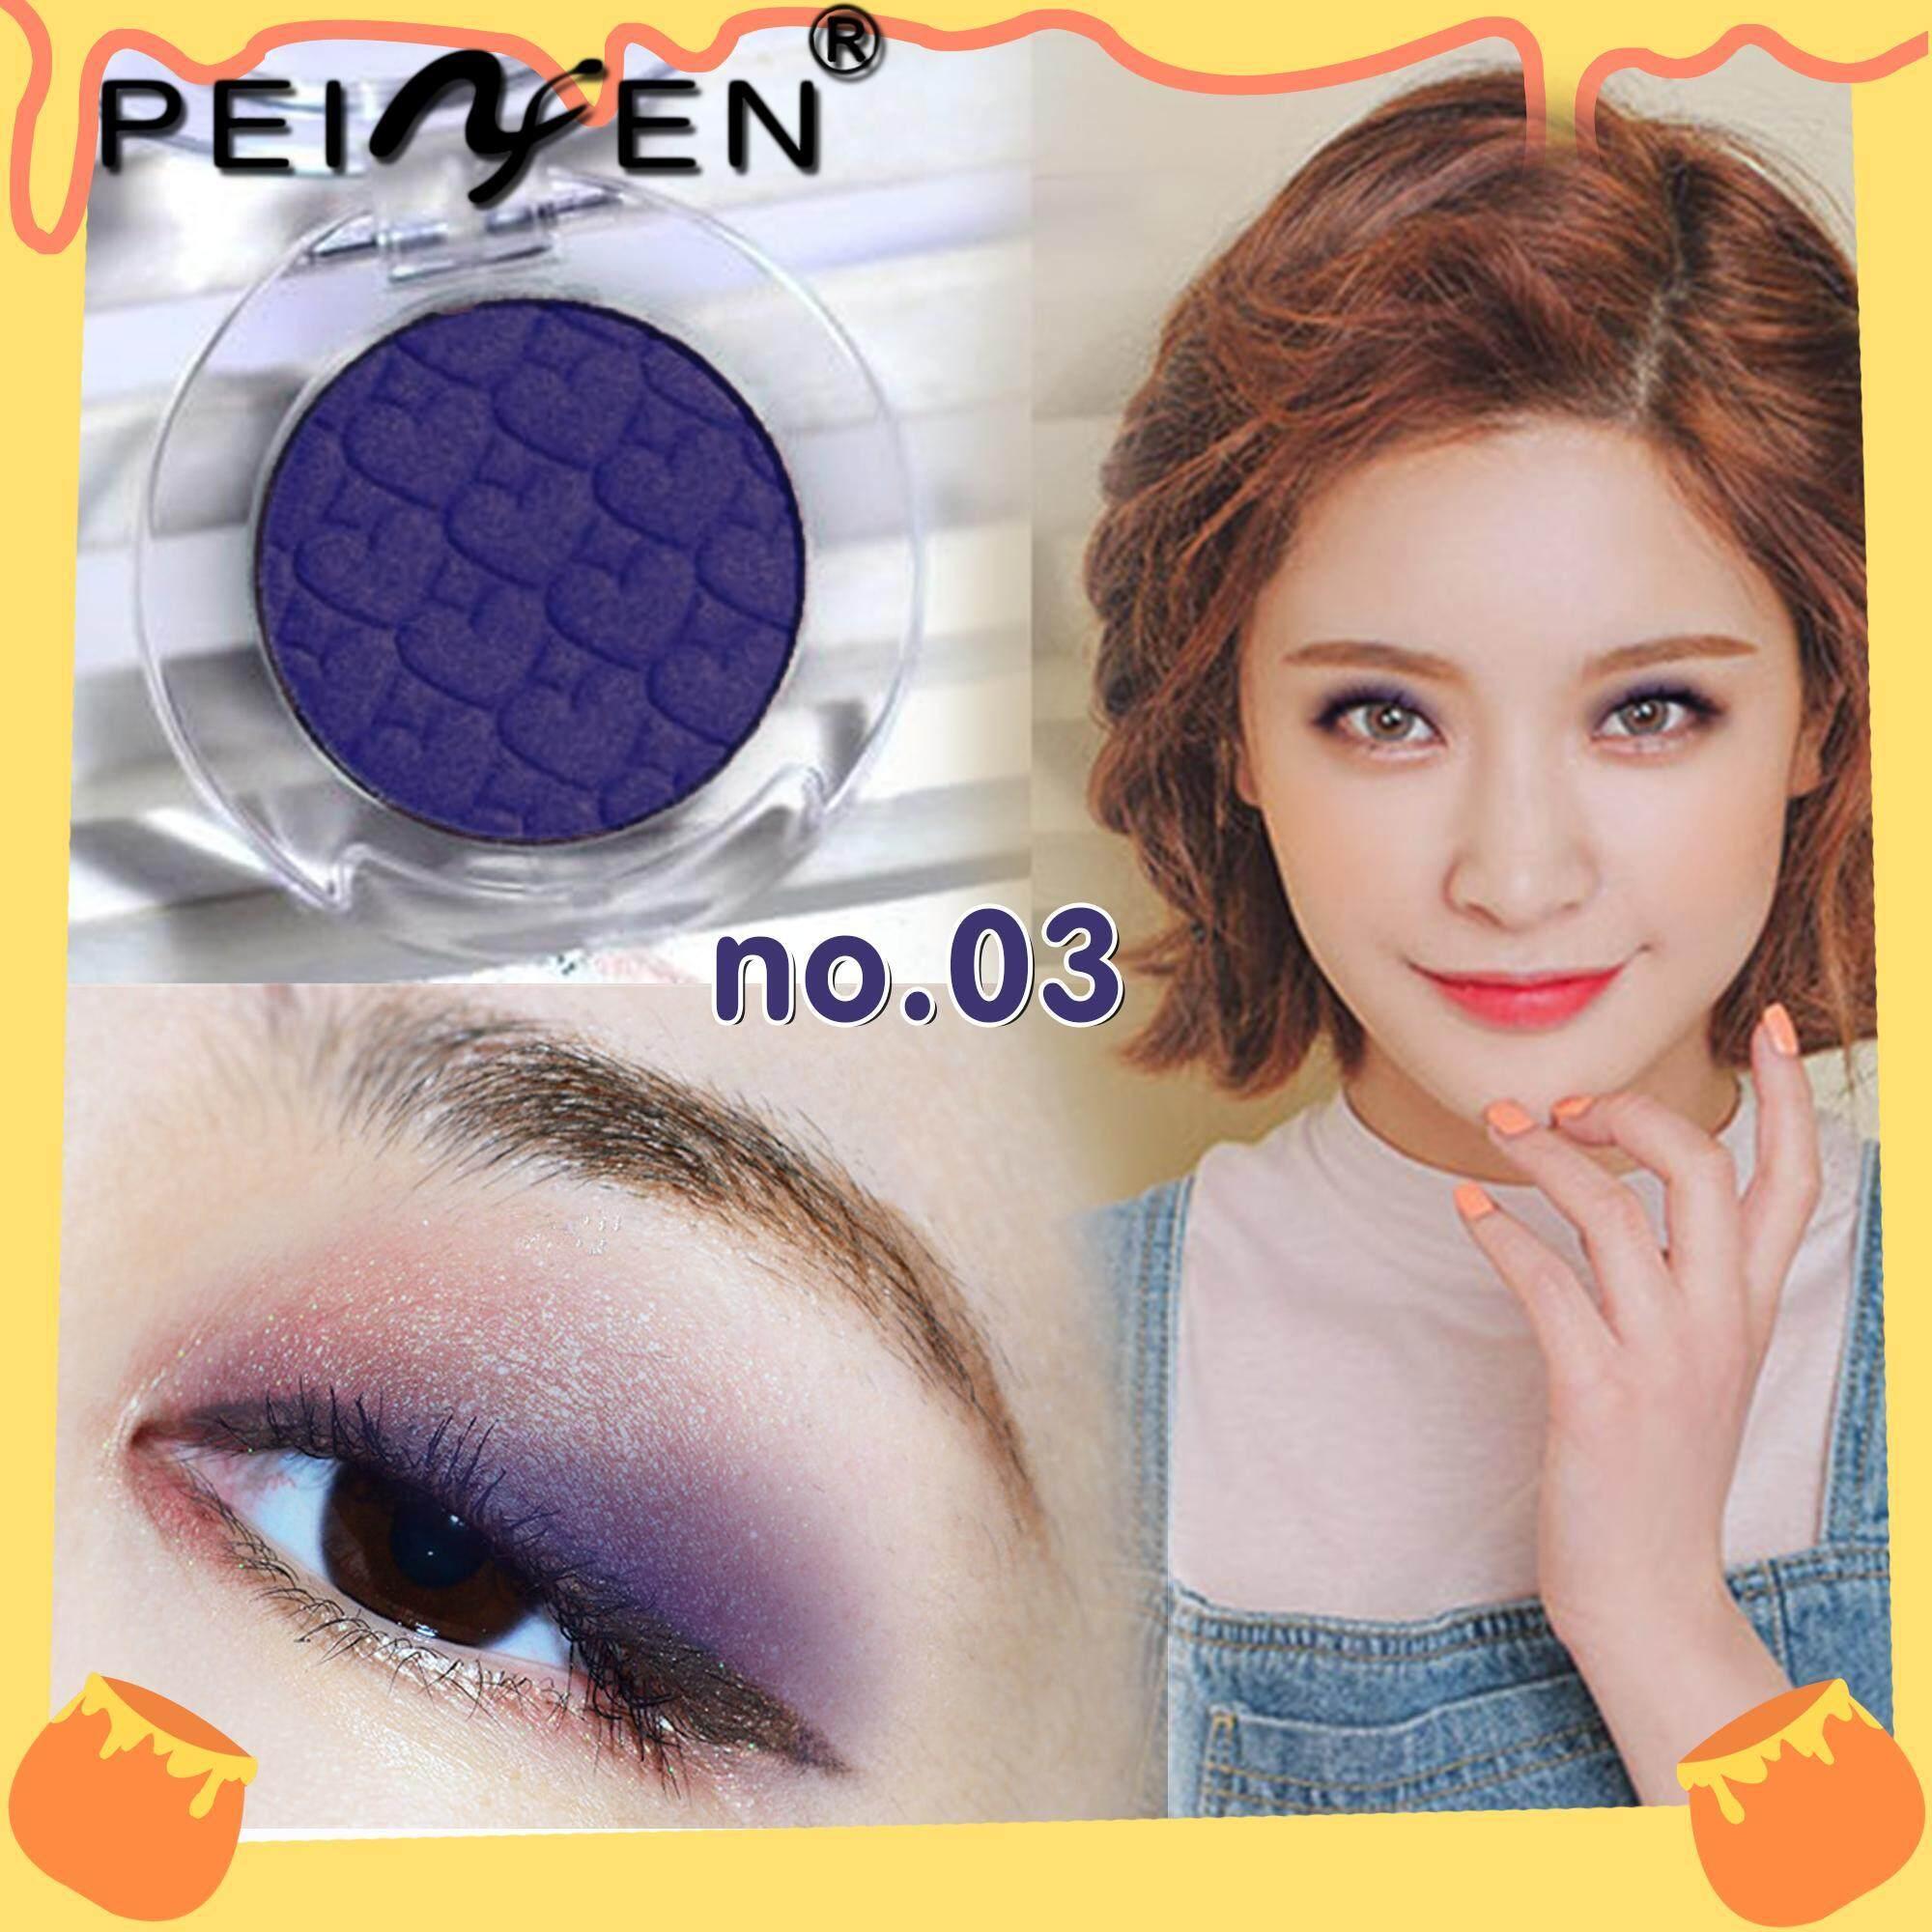 69บ.!! (พร้อมส่ง) อายแชโดว์ ประกายมุข แวววาว แมทท์ ทาติดง่าย สีชัด ดวงตาเป็นประกายตลอดวัน Peiyen peifen look at my eye no.p3424 shiny pear eye shadow waterproof powder